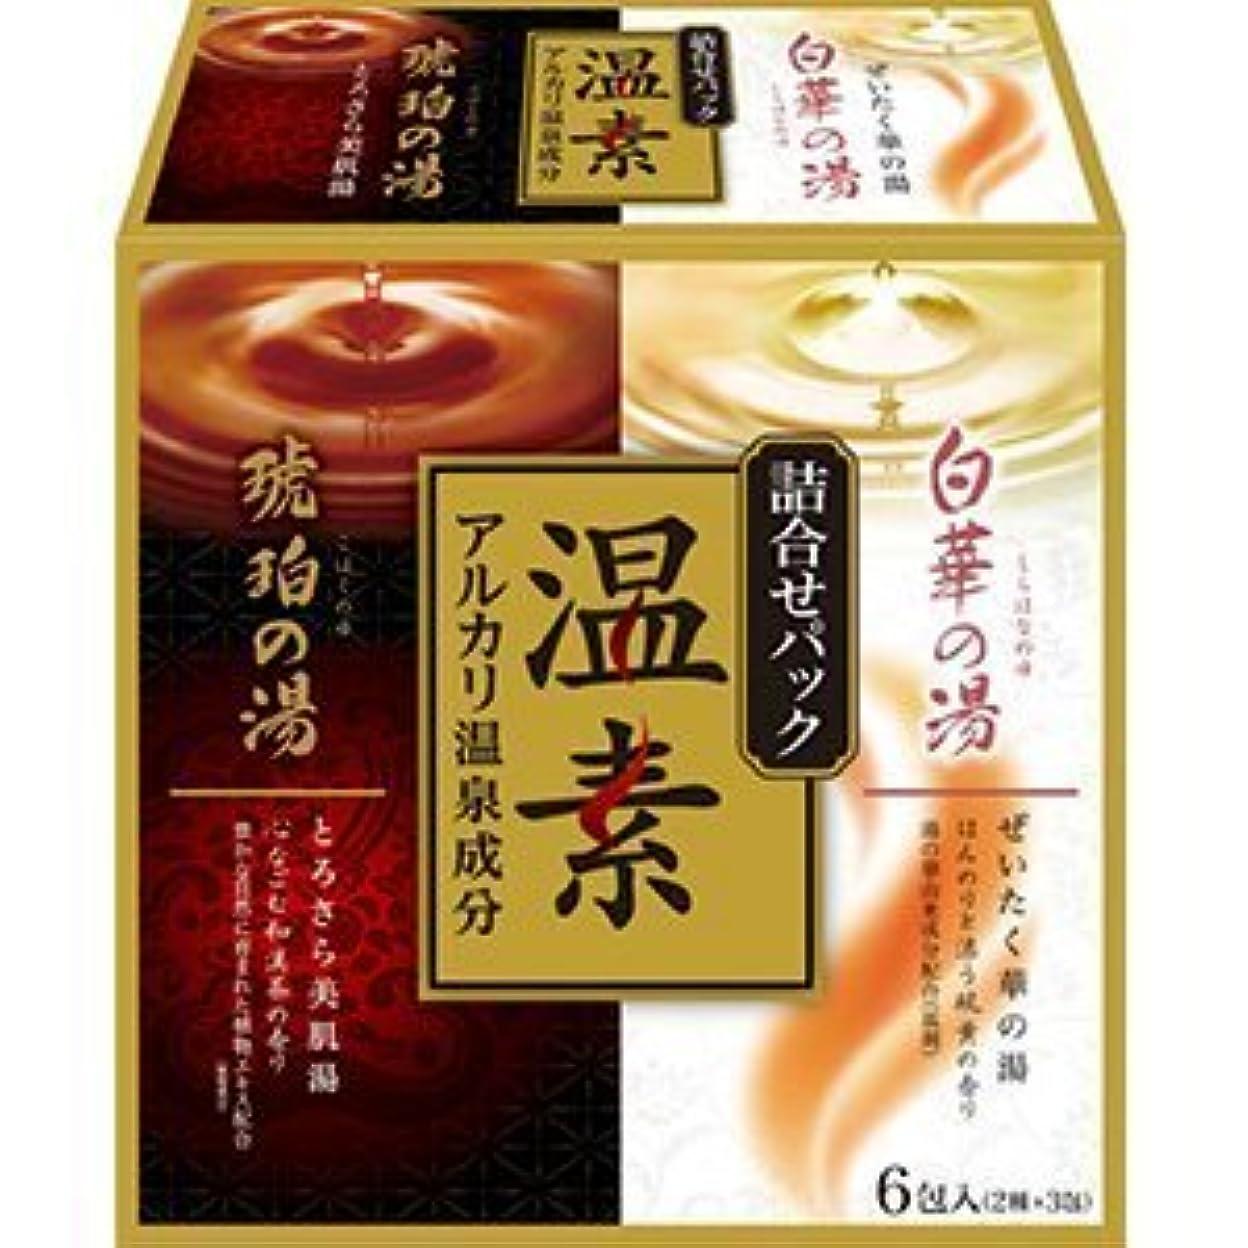 ほうきじゃがいも飢えた温素 琥珀の湯&白華の湯 詰合せパック × 3個セット